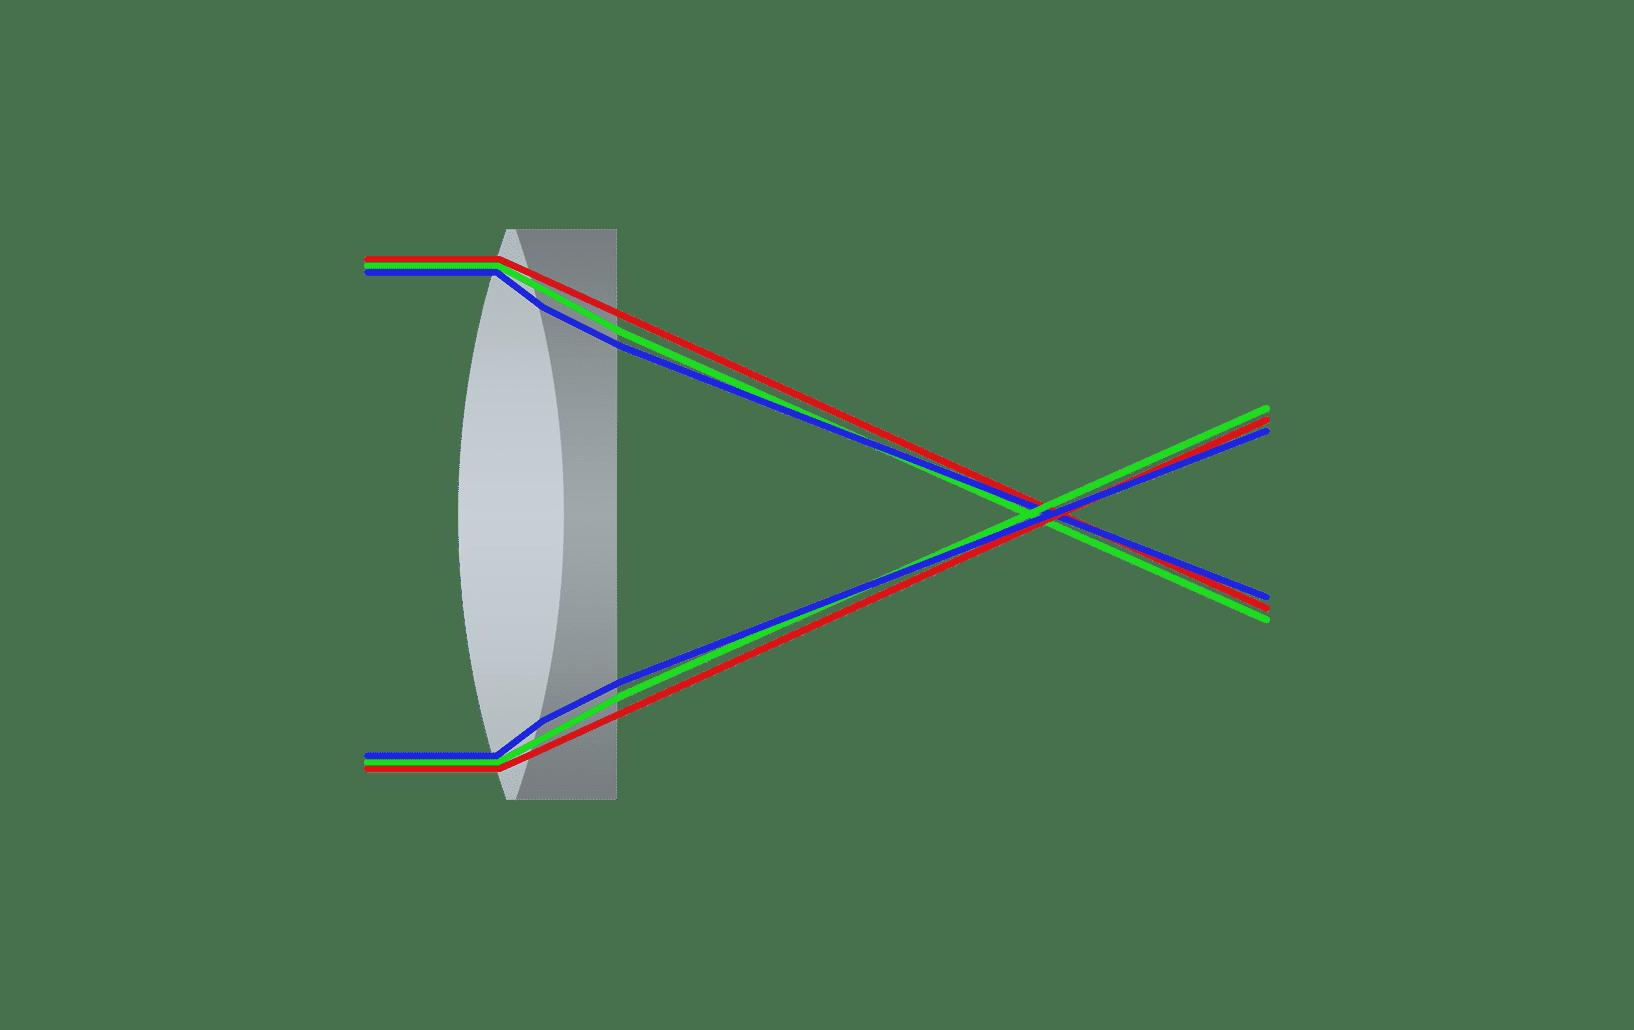 Kinotehnik LCDVF viewfinder